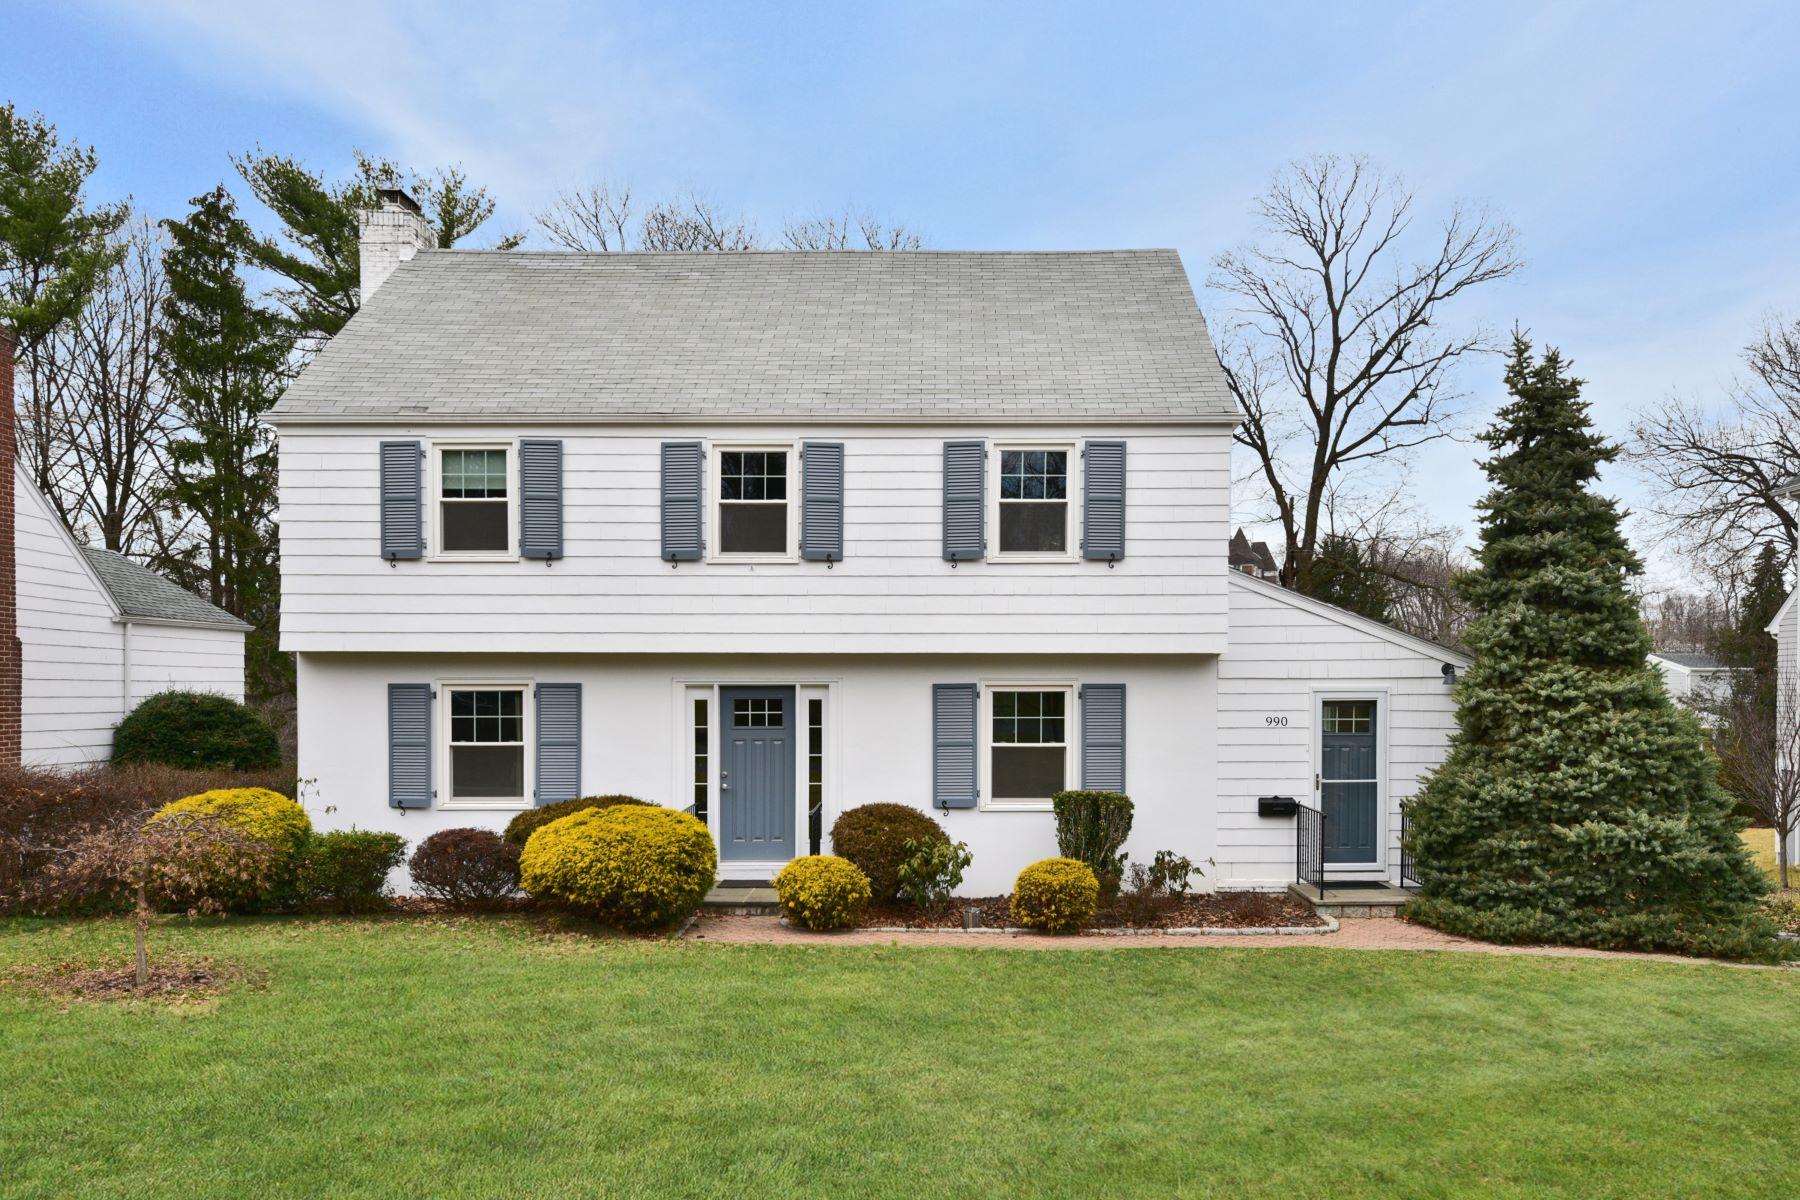 Casa Unifamiliar por un Venta en Shore Acres Colonial 990 The Pkwy, Mamaroneck, Nueva York, 10543 Estados Unidos